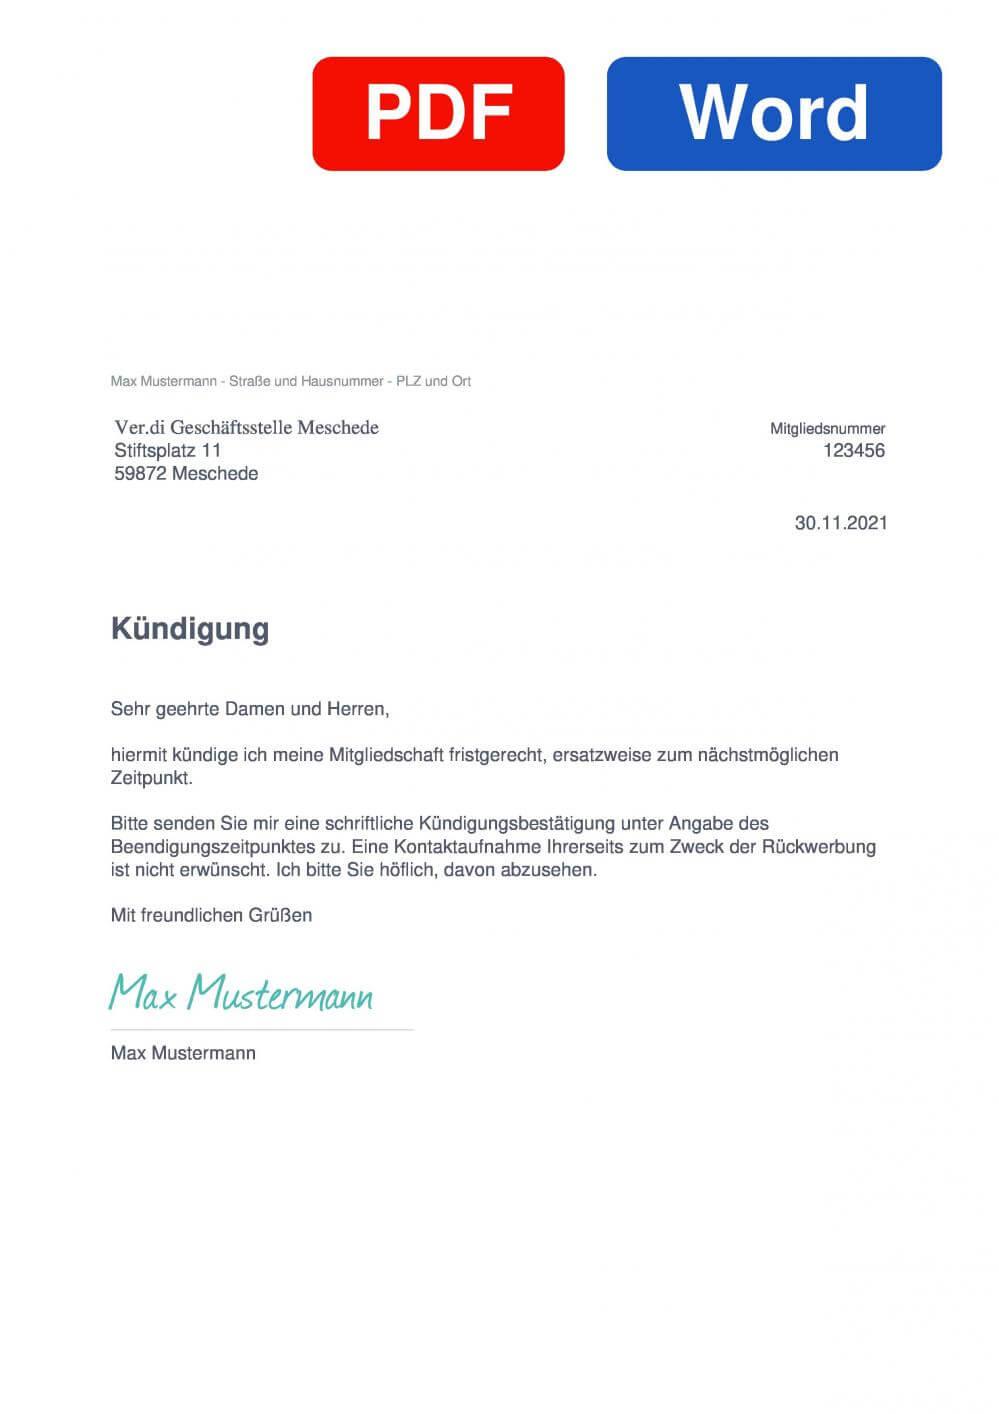 Verdi Meschede Muster Vorlage für Kündigungsschreiben